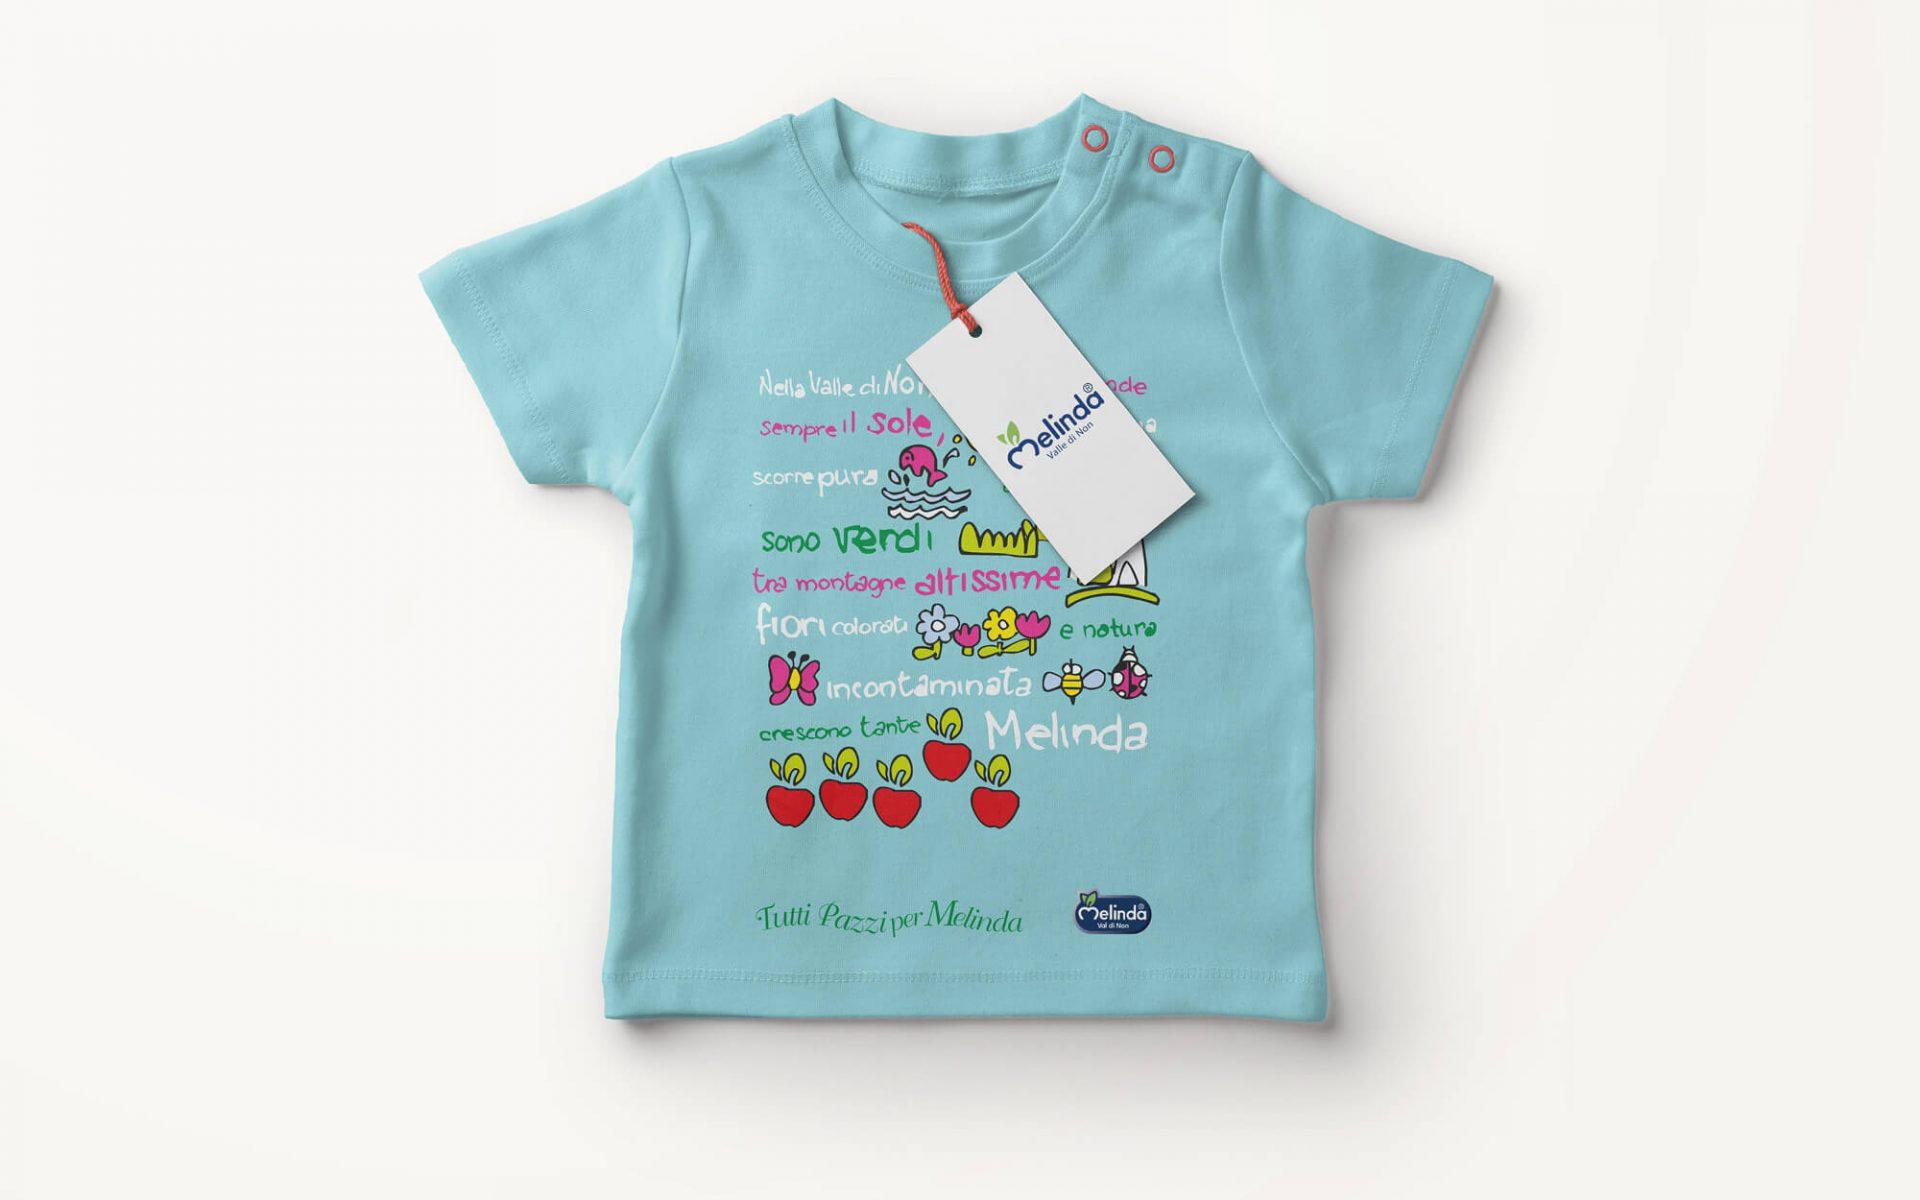 illustrazione per t-shirt bambino creata per melinda, progetto grafico studio grafico diade arco trento